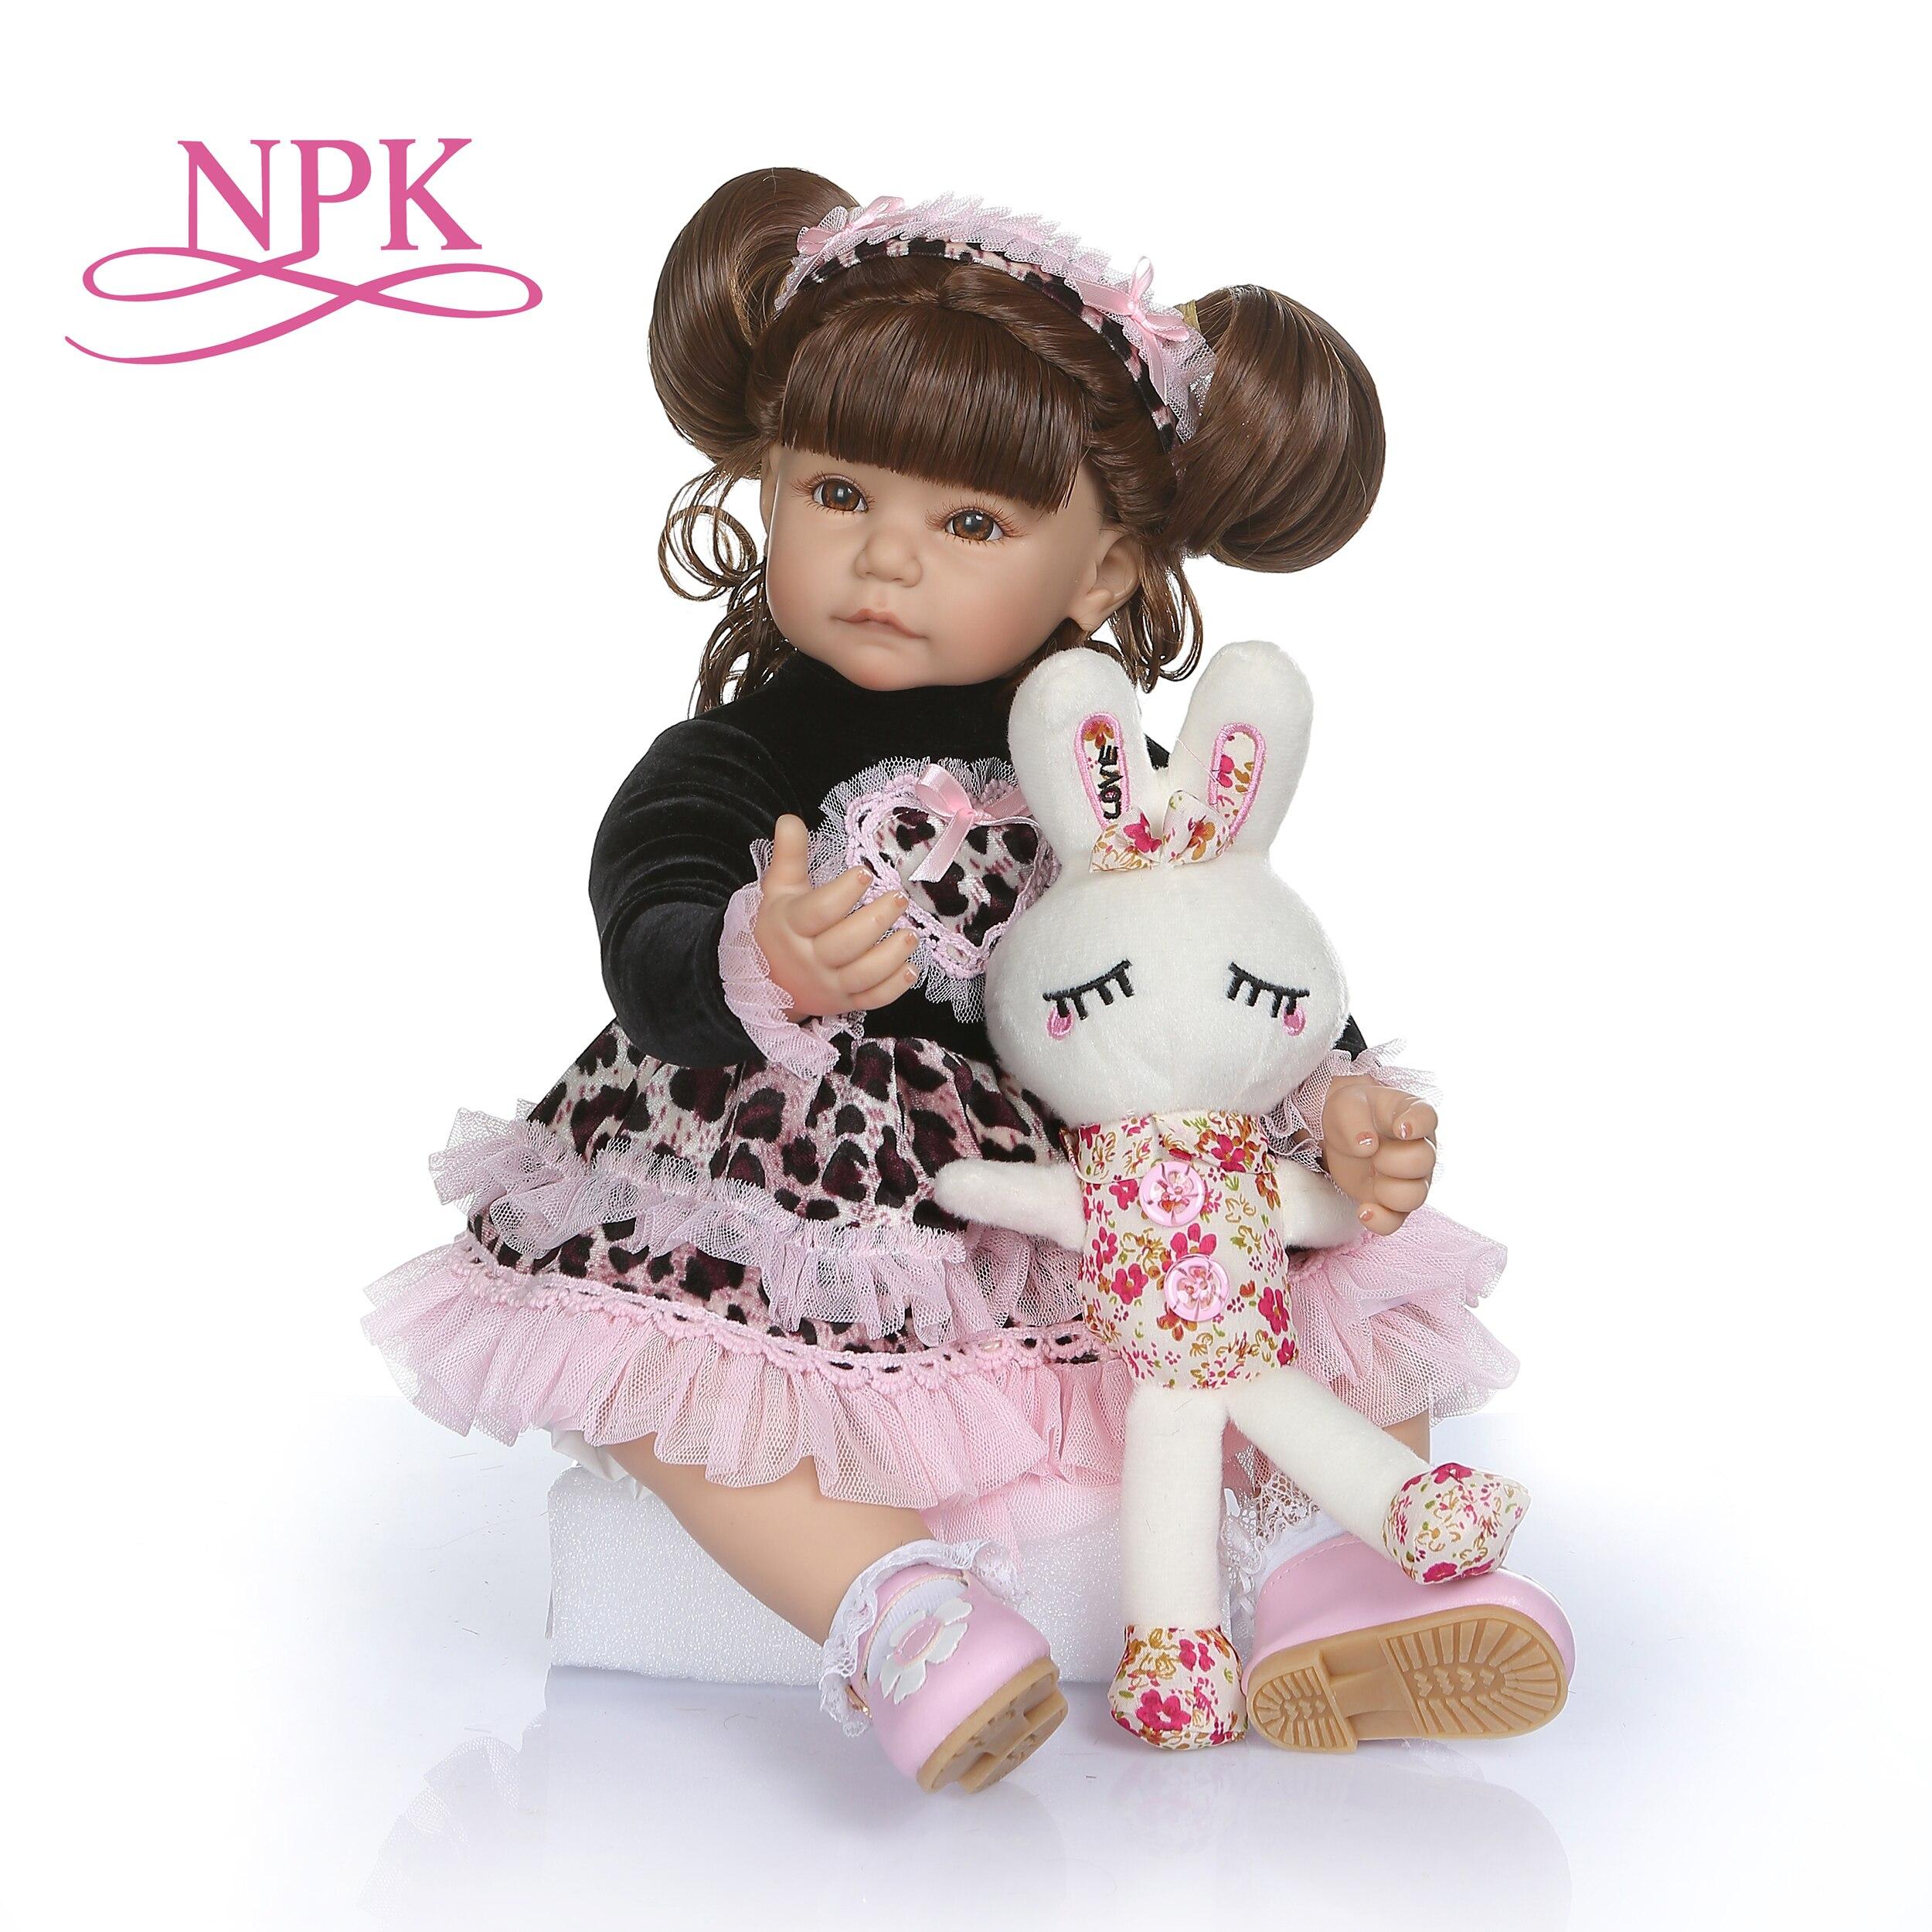 50 センチメートルロングカーリー髪幼児の人形ソフトシリコーンベベ人形 realista おもちゃ子供のための brinquedos アドラ  グループ上の おもちゃ & ホビー からの 人形 の中 1